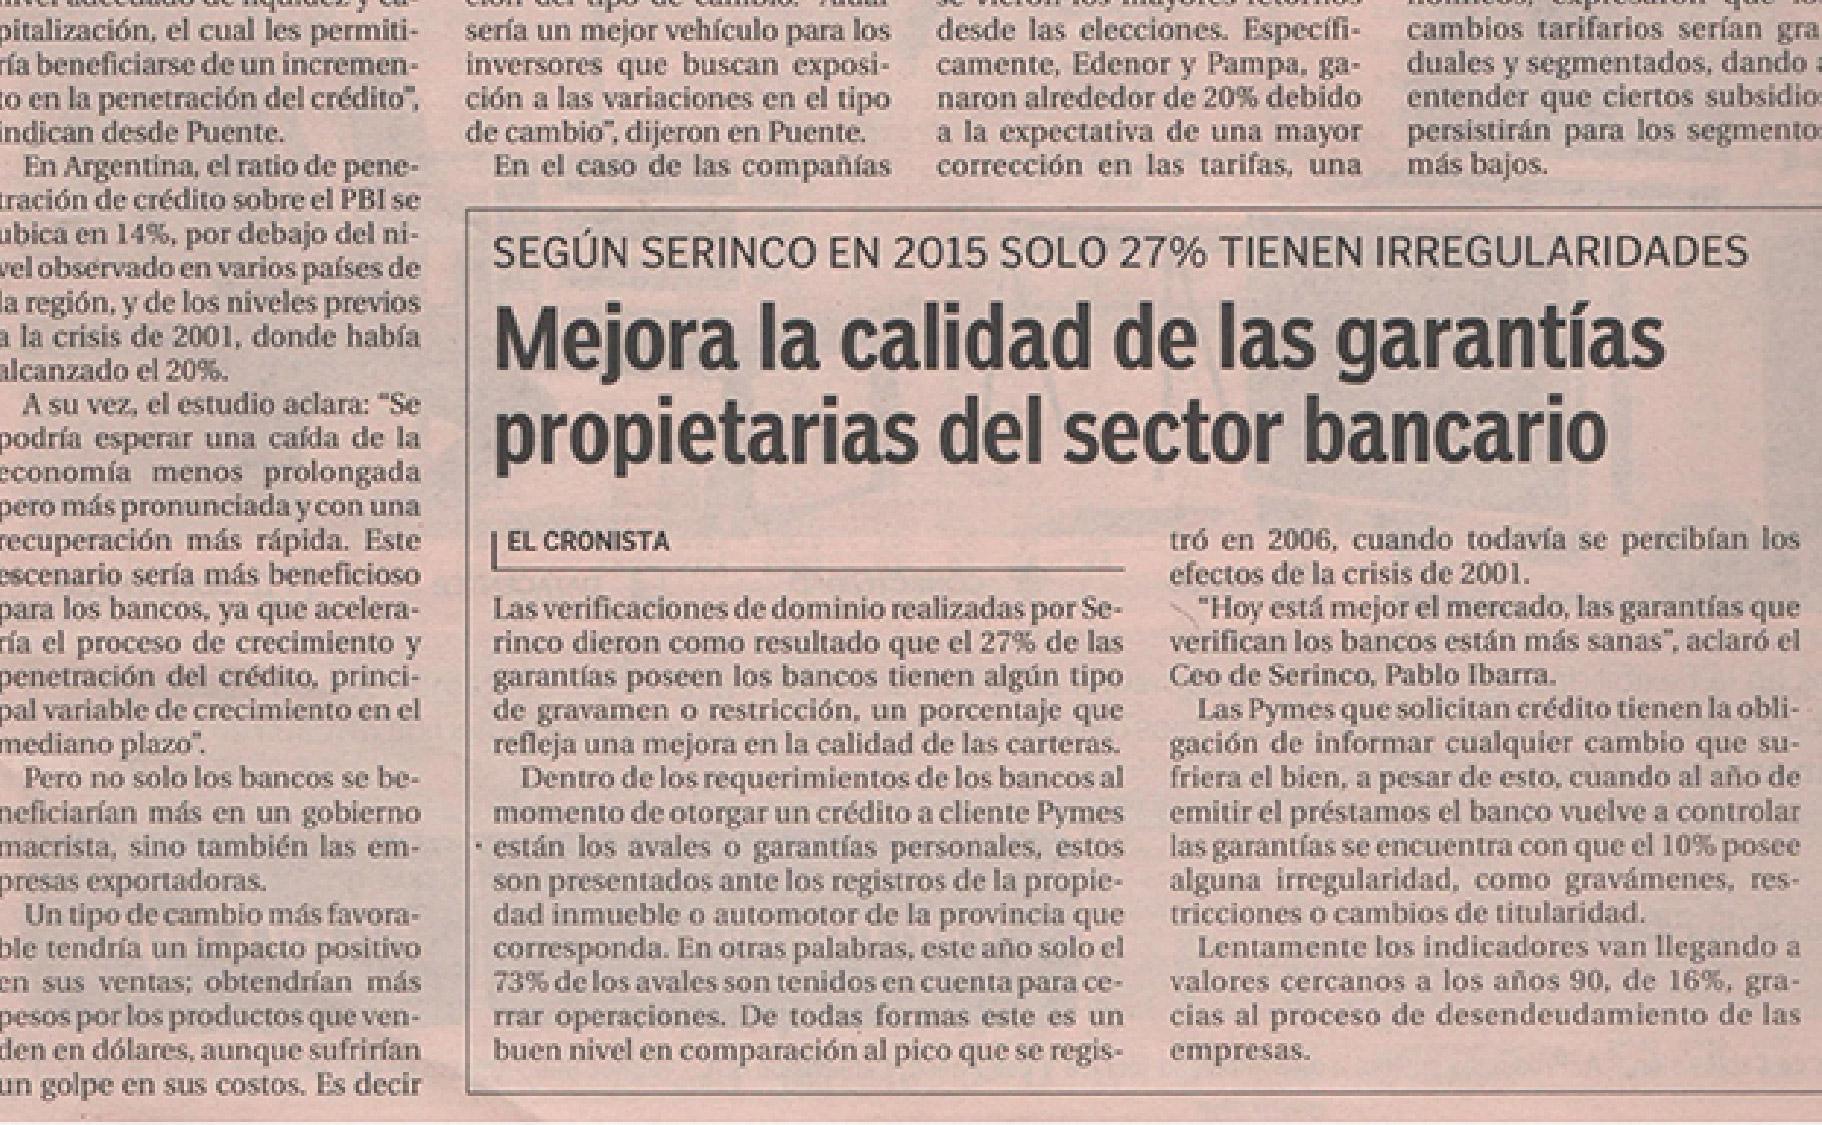 Mejora la calidad de las garantías propietarias del sector bancario